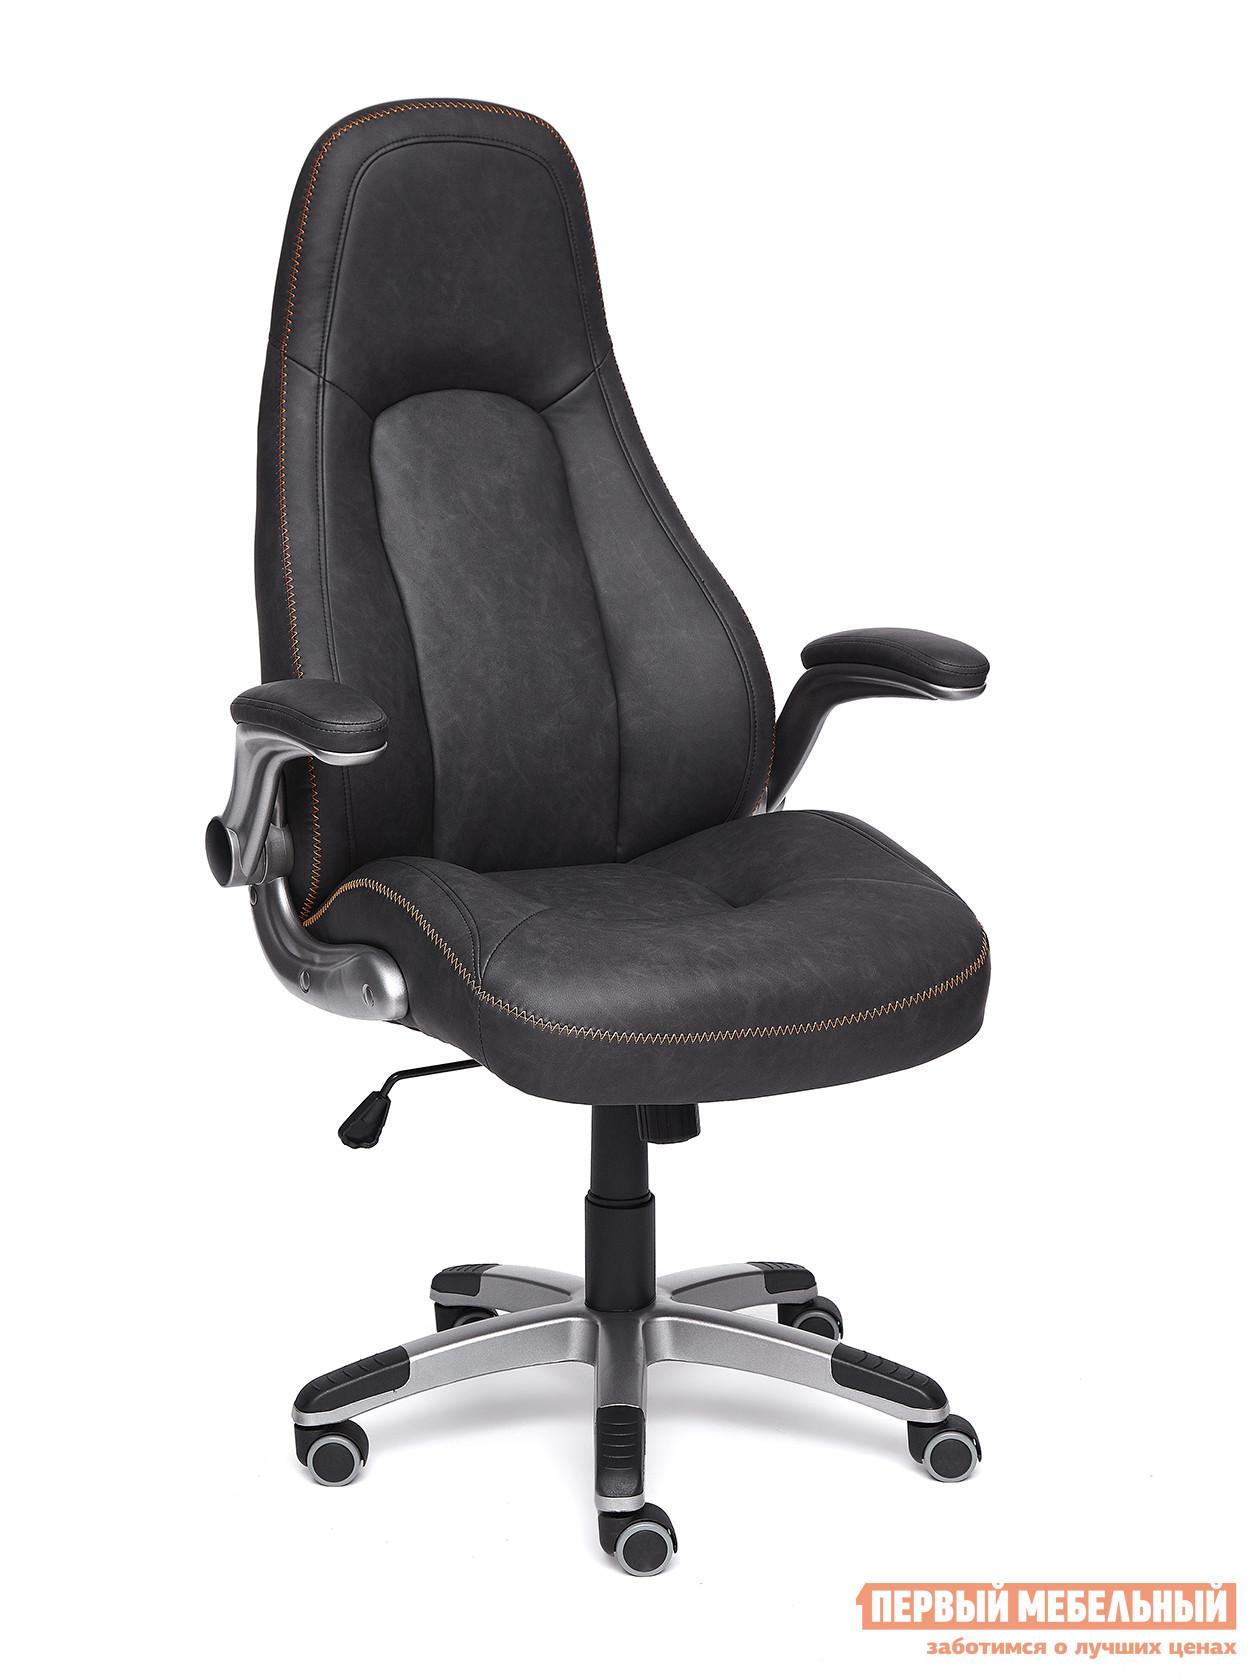 Офисное кресло Tetchair Кресло GLOBAL кресло офисное на колесиках azzo